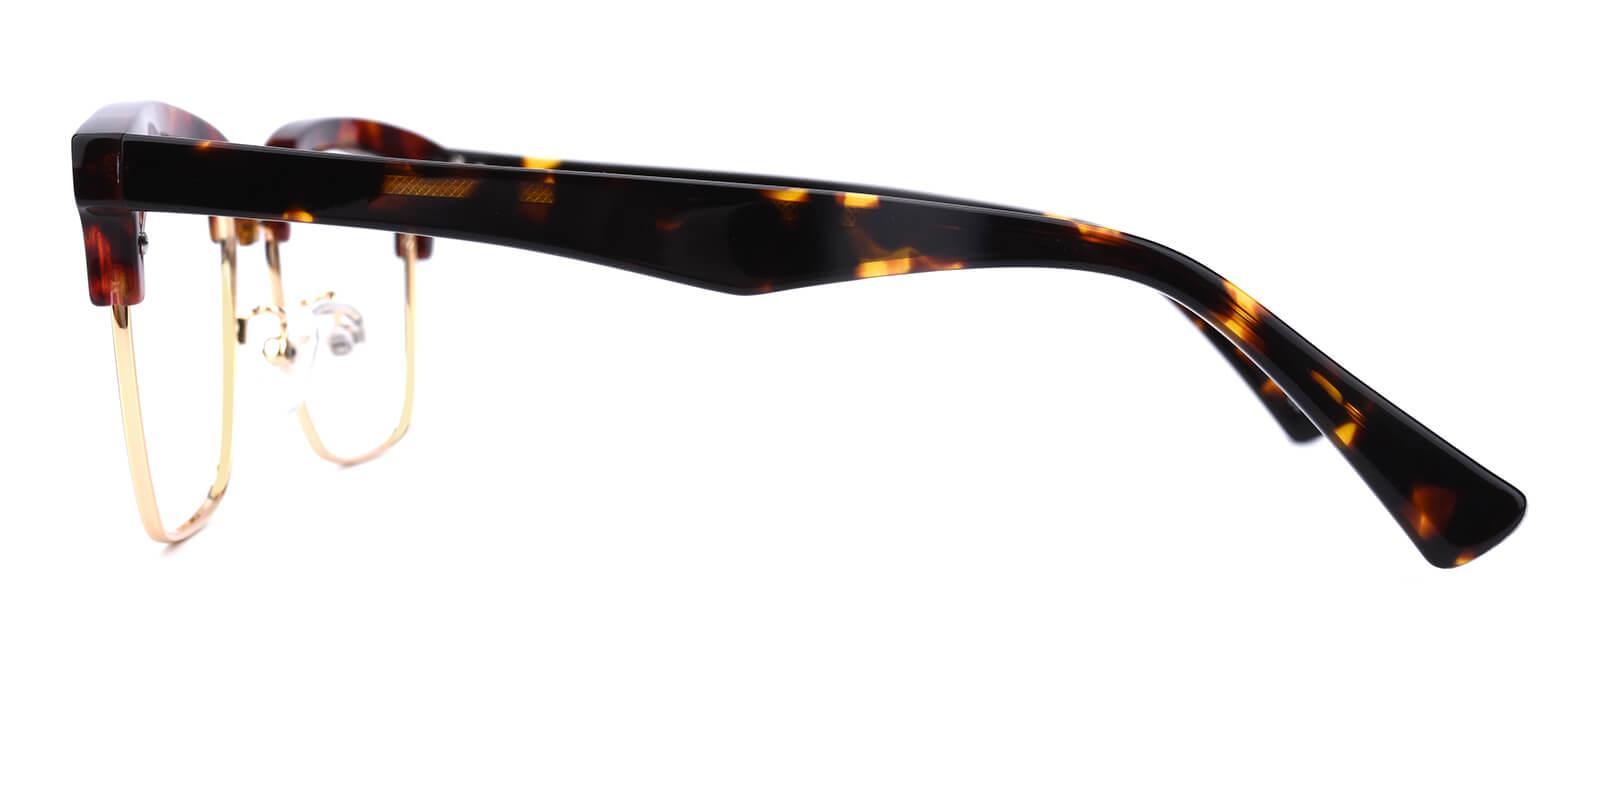 Ellimim-Tortoise-Browline-Acetate / Metal-Eyeglasses-additional3